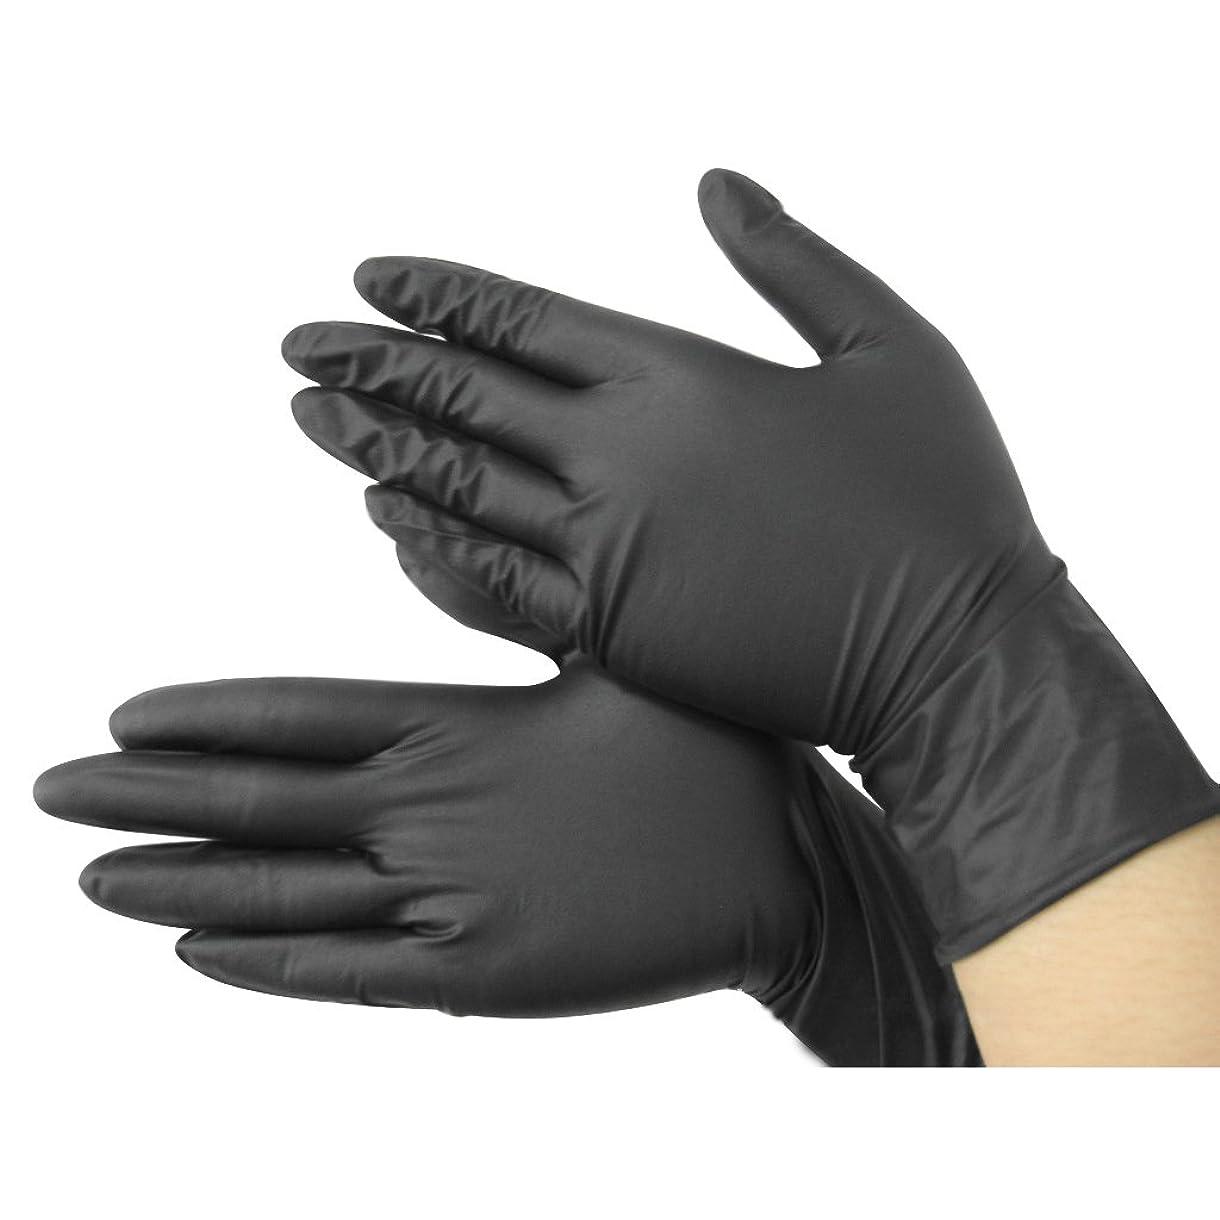 エッセンスエキゾチック立場CUHAWUDBA 黒いニトリル使い捨てクール手袋 パワーフリーX100 - 入れ墨 - メカニック 新しい